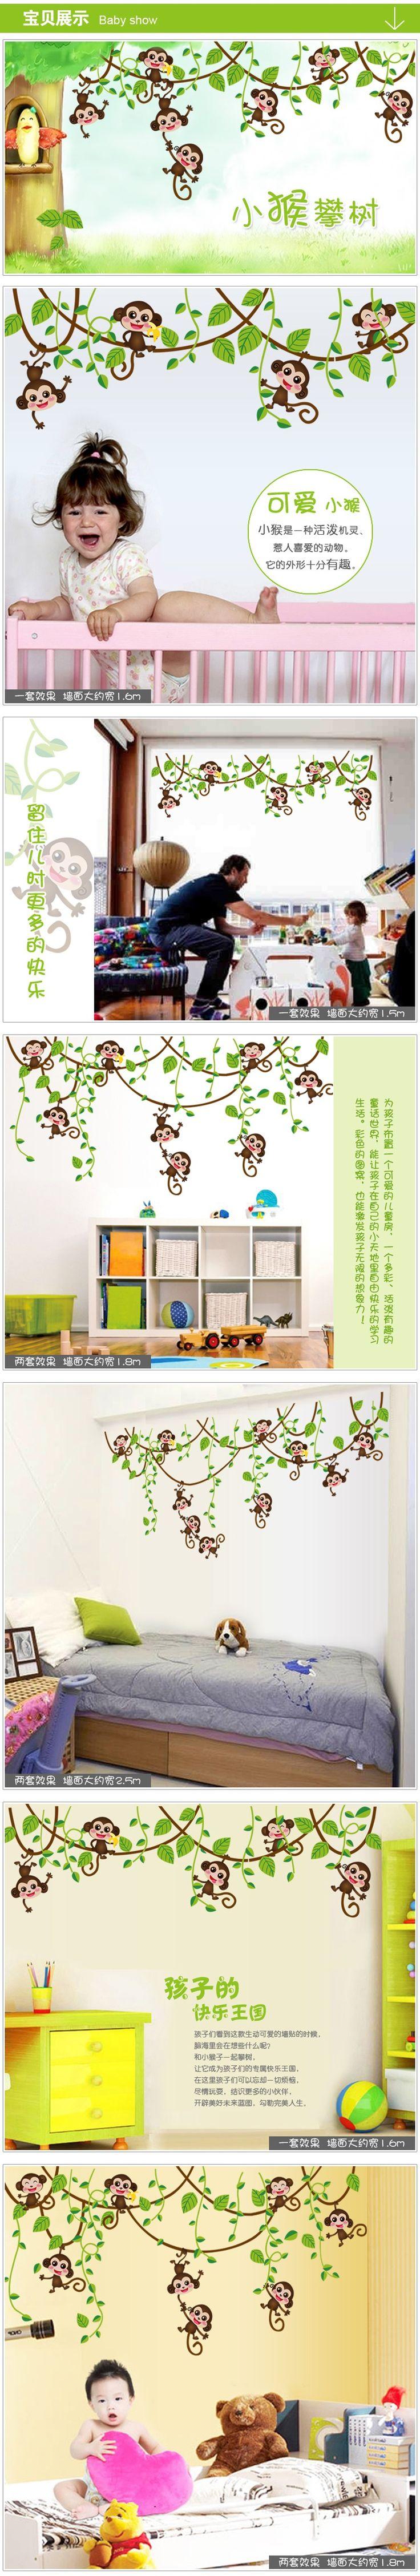 New Monkey Tree Jungle zvířat samolepky na zeď Mateřské Dětský pokoj pro děti umění obrazy na stěnu dekor-in samolepky na zeď z Dům a zahrada o Aliexpress.com   Alibaba Group